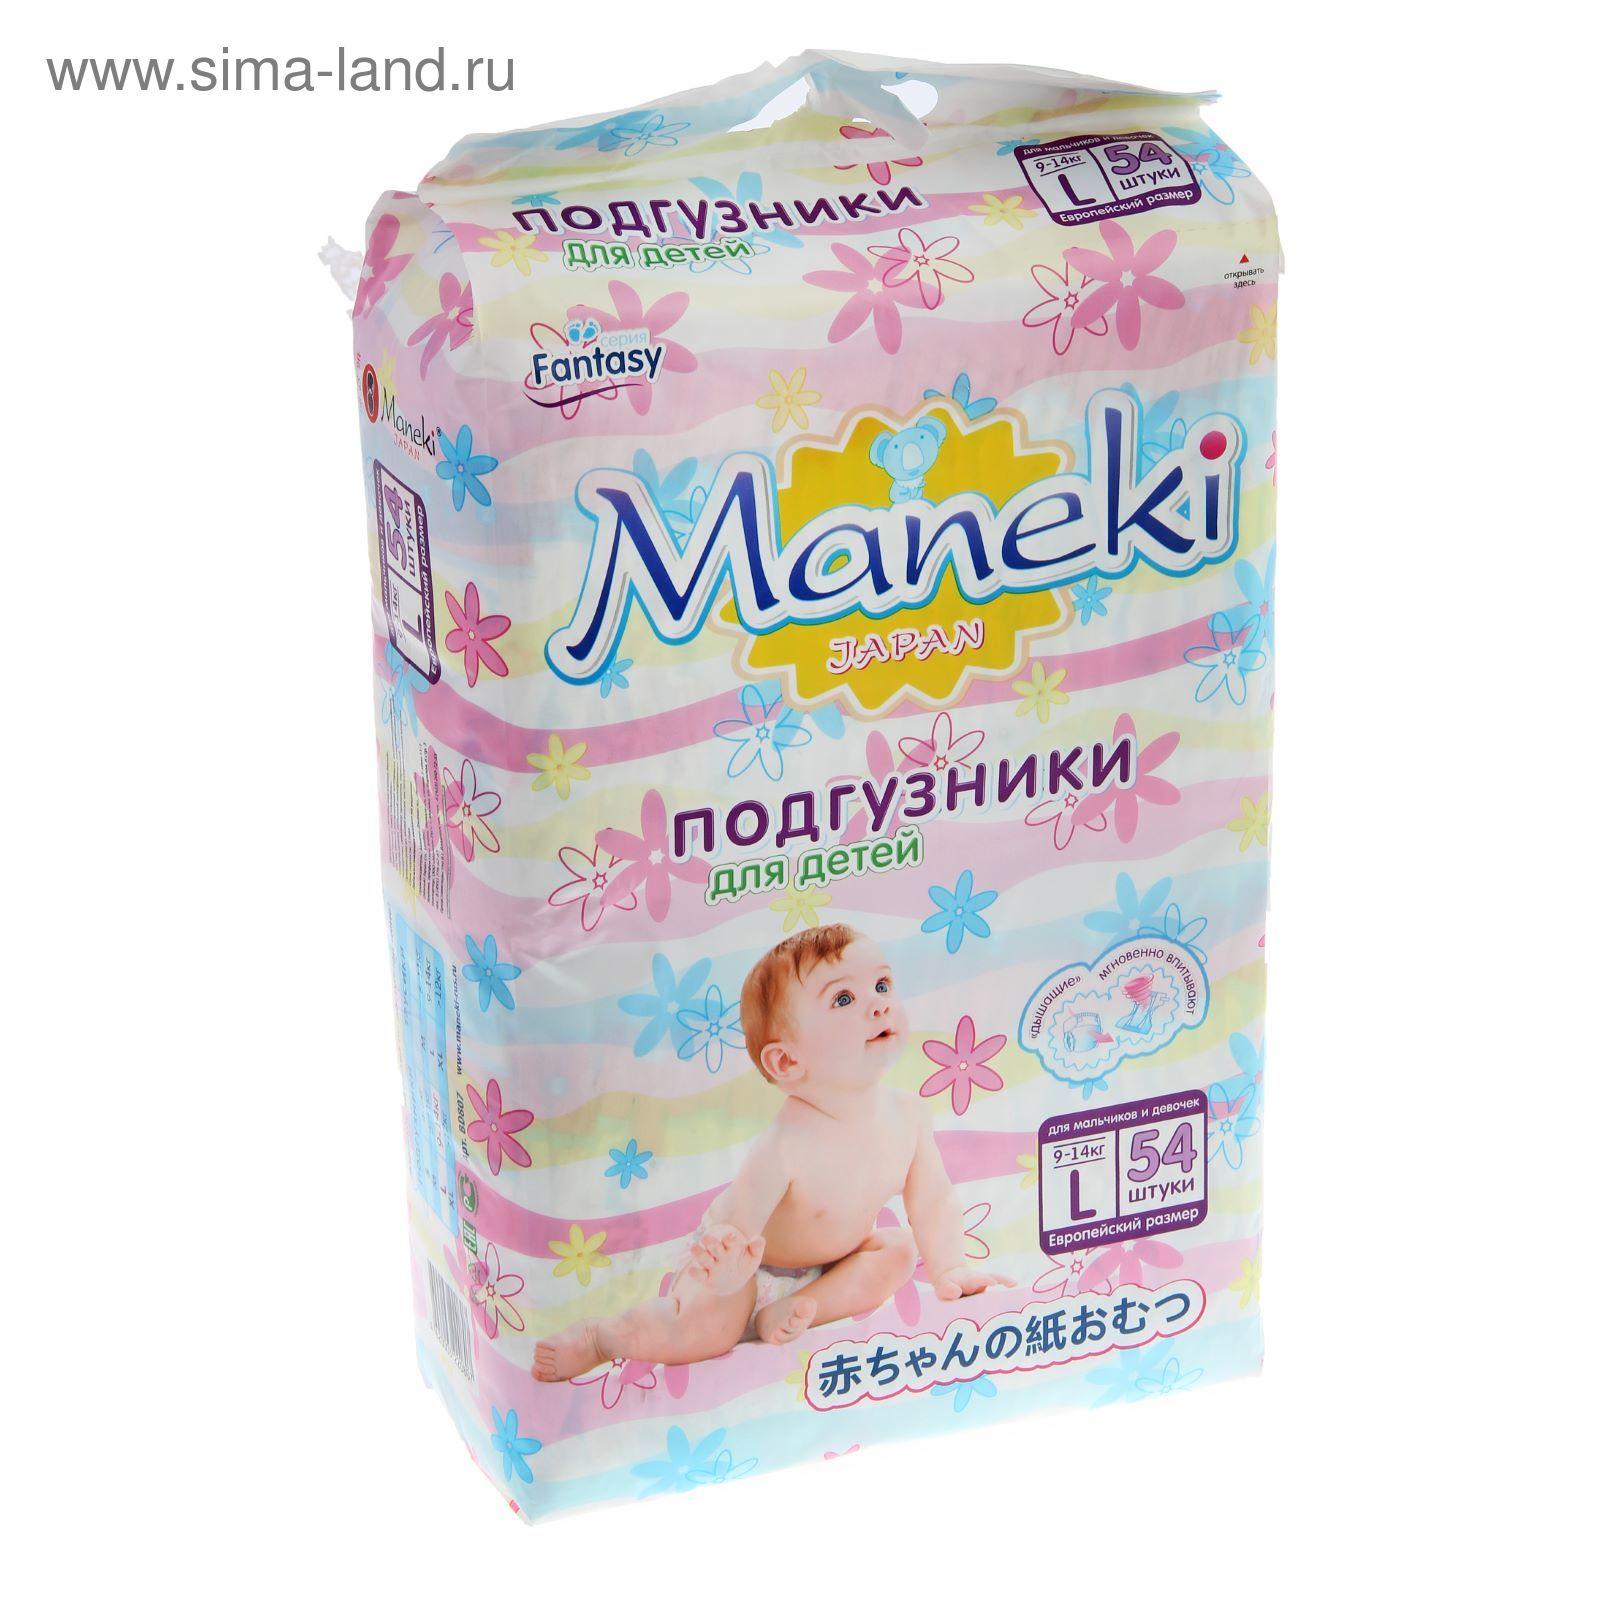 Подгузники «Maneki» Fantasy, 9-14 кг, 54 шт уп (1387384) - Купить по ... 3e984c6cb92